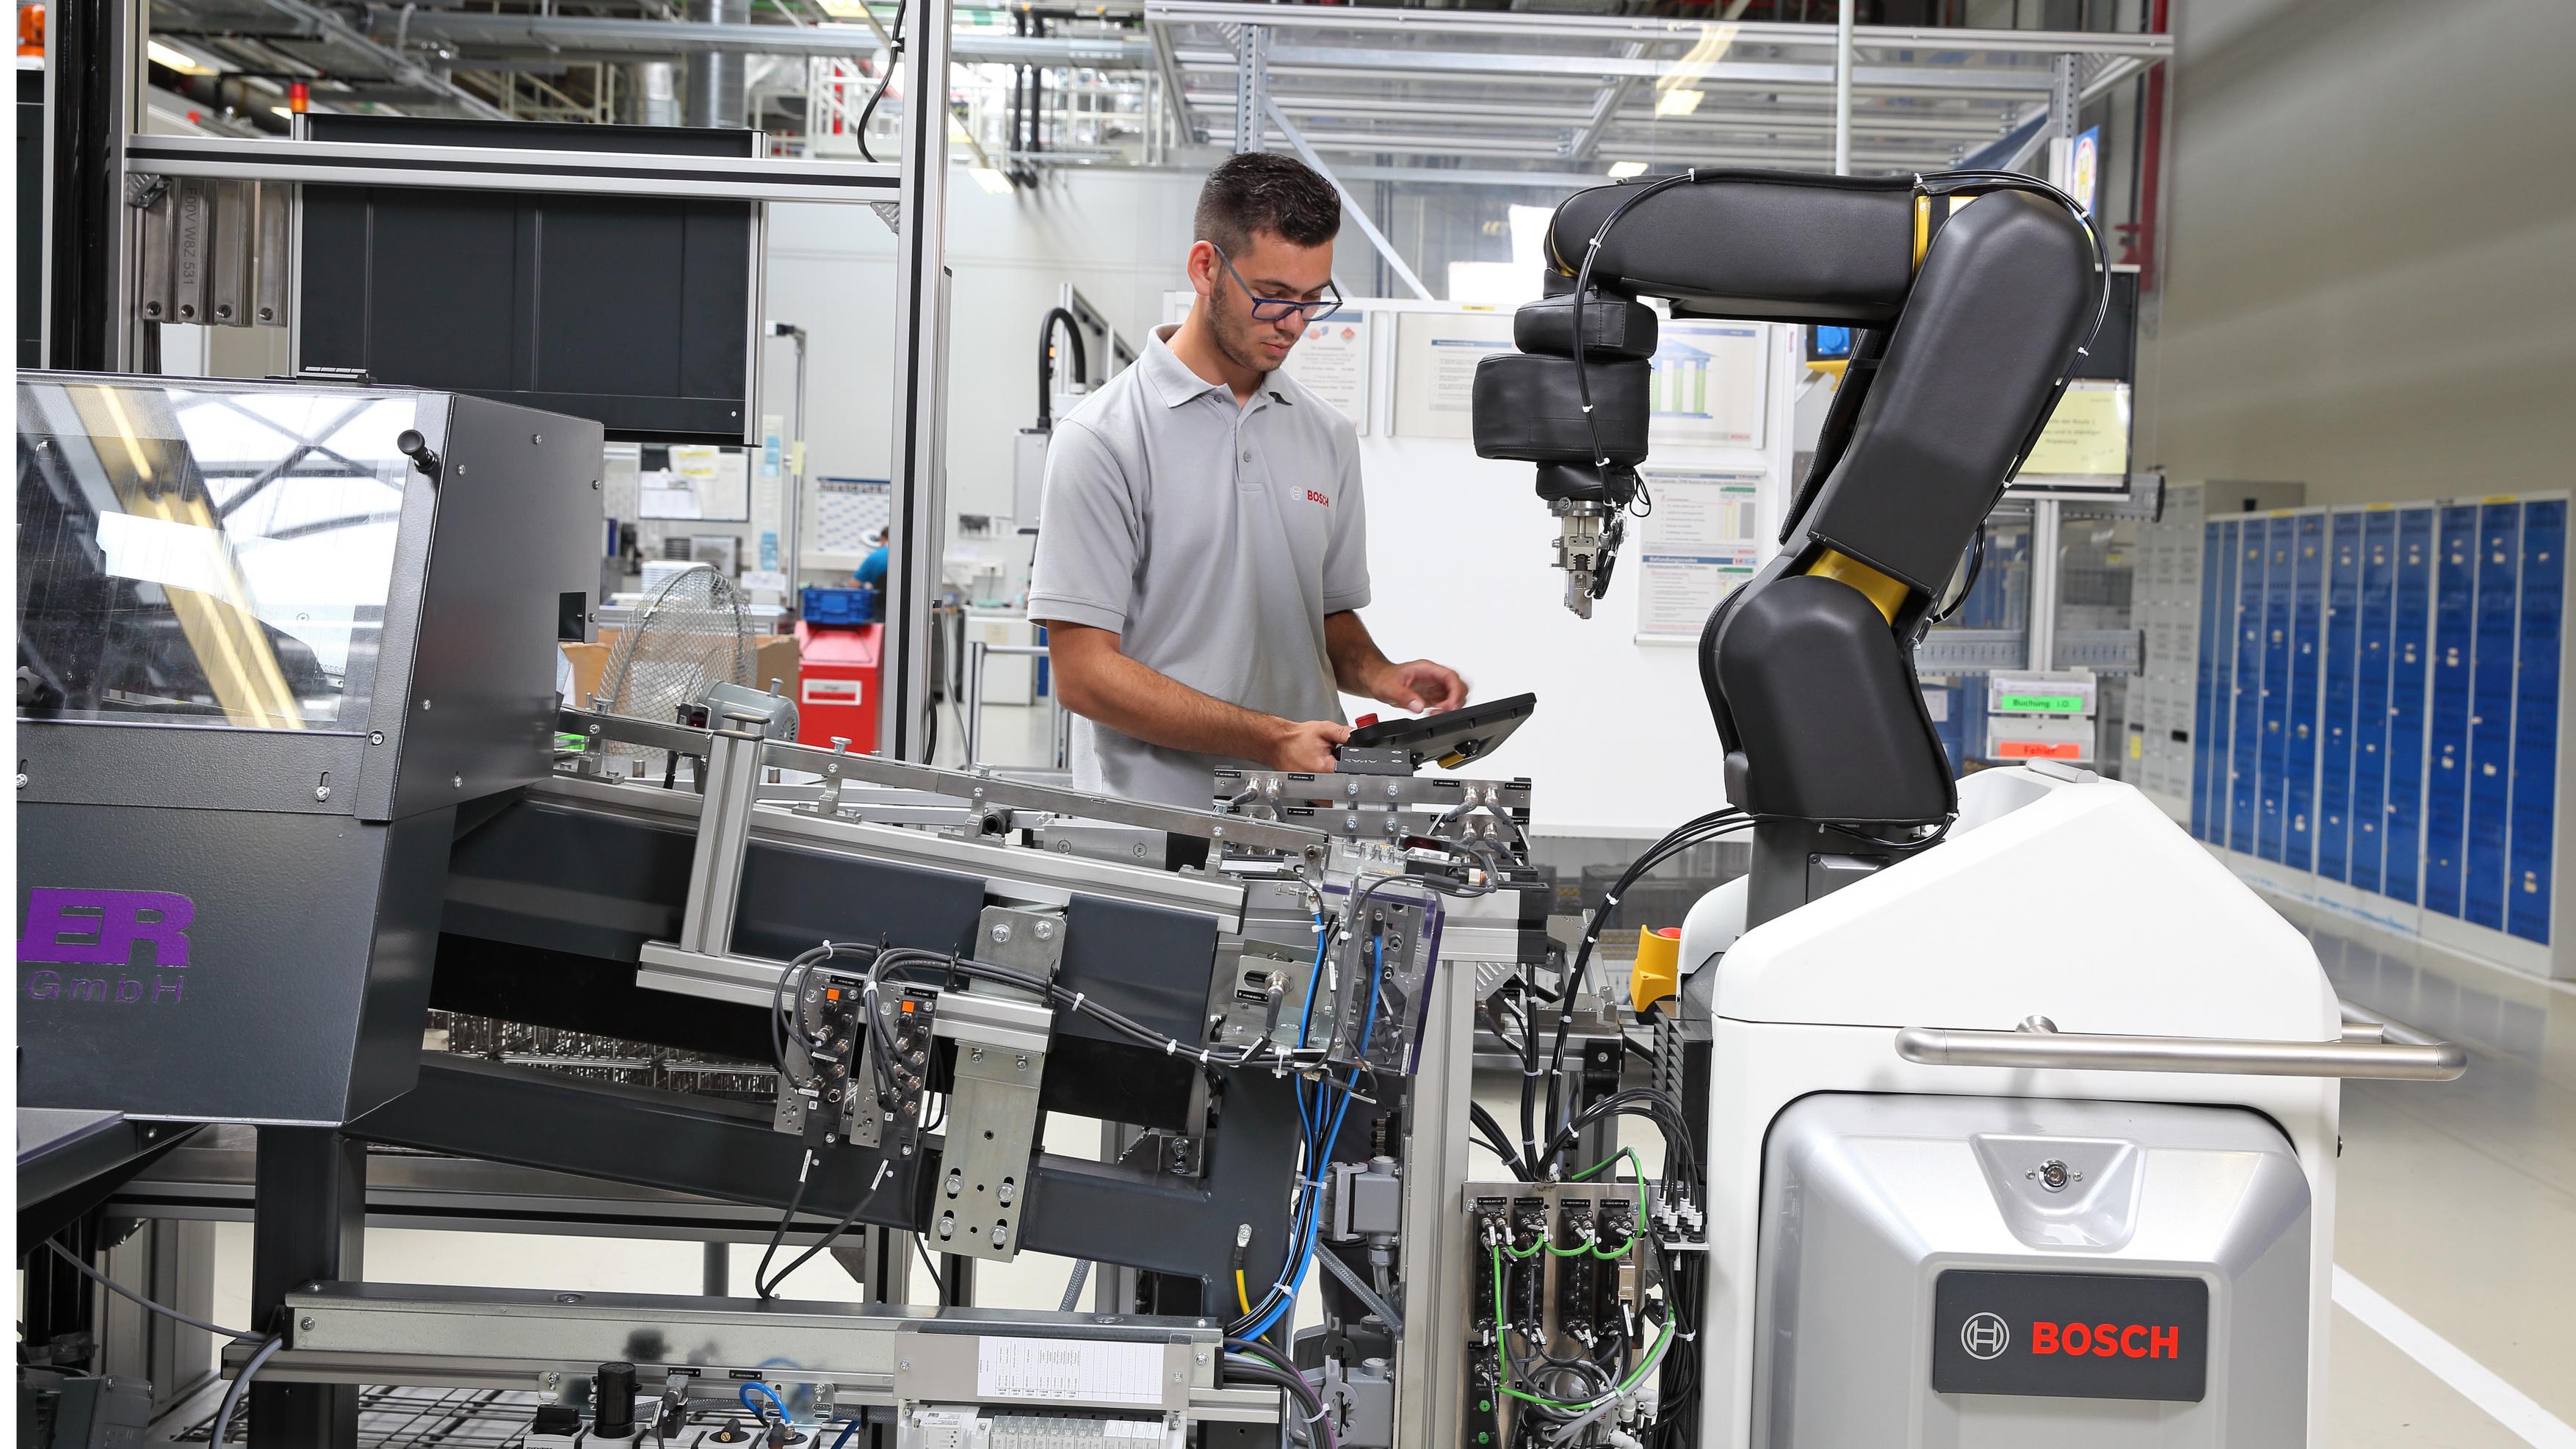 Ľudia a stroje pracujú v spoločnosti Bosch ruka v ruke